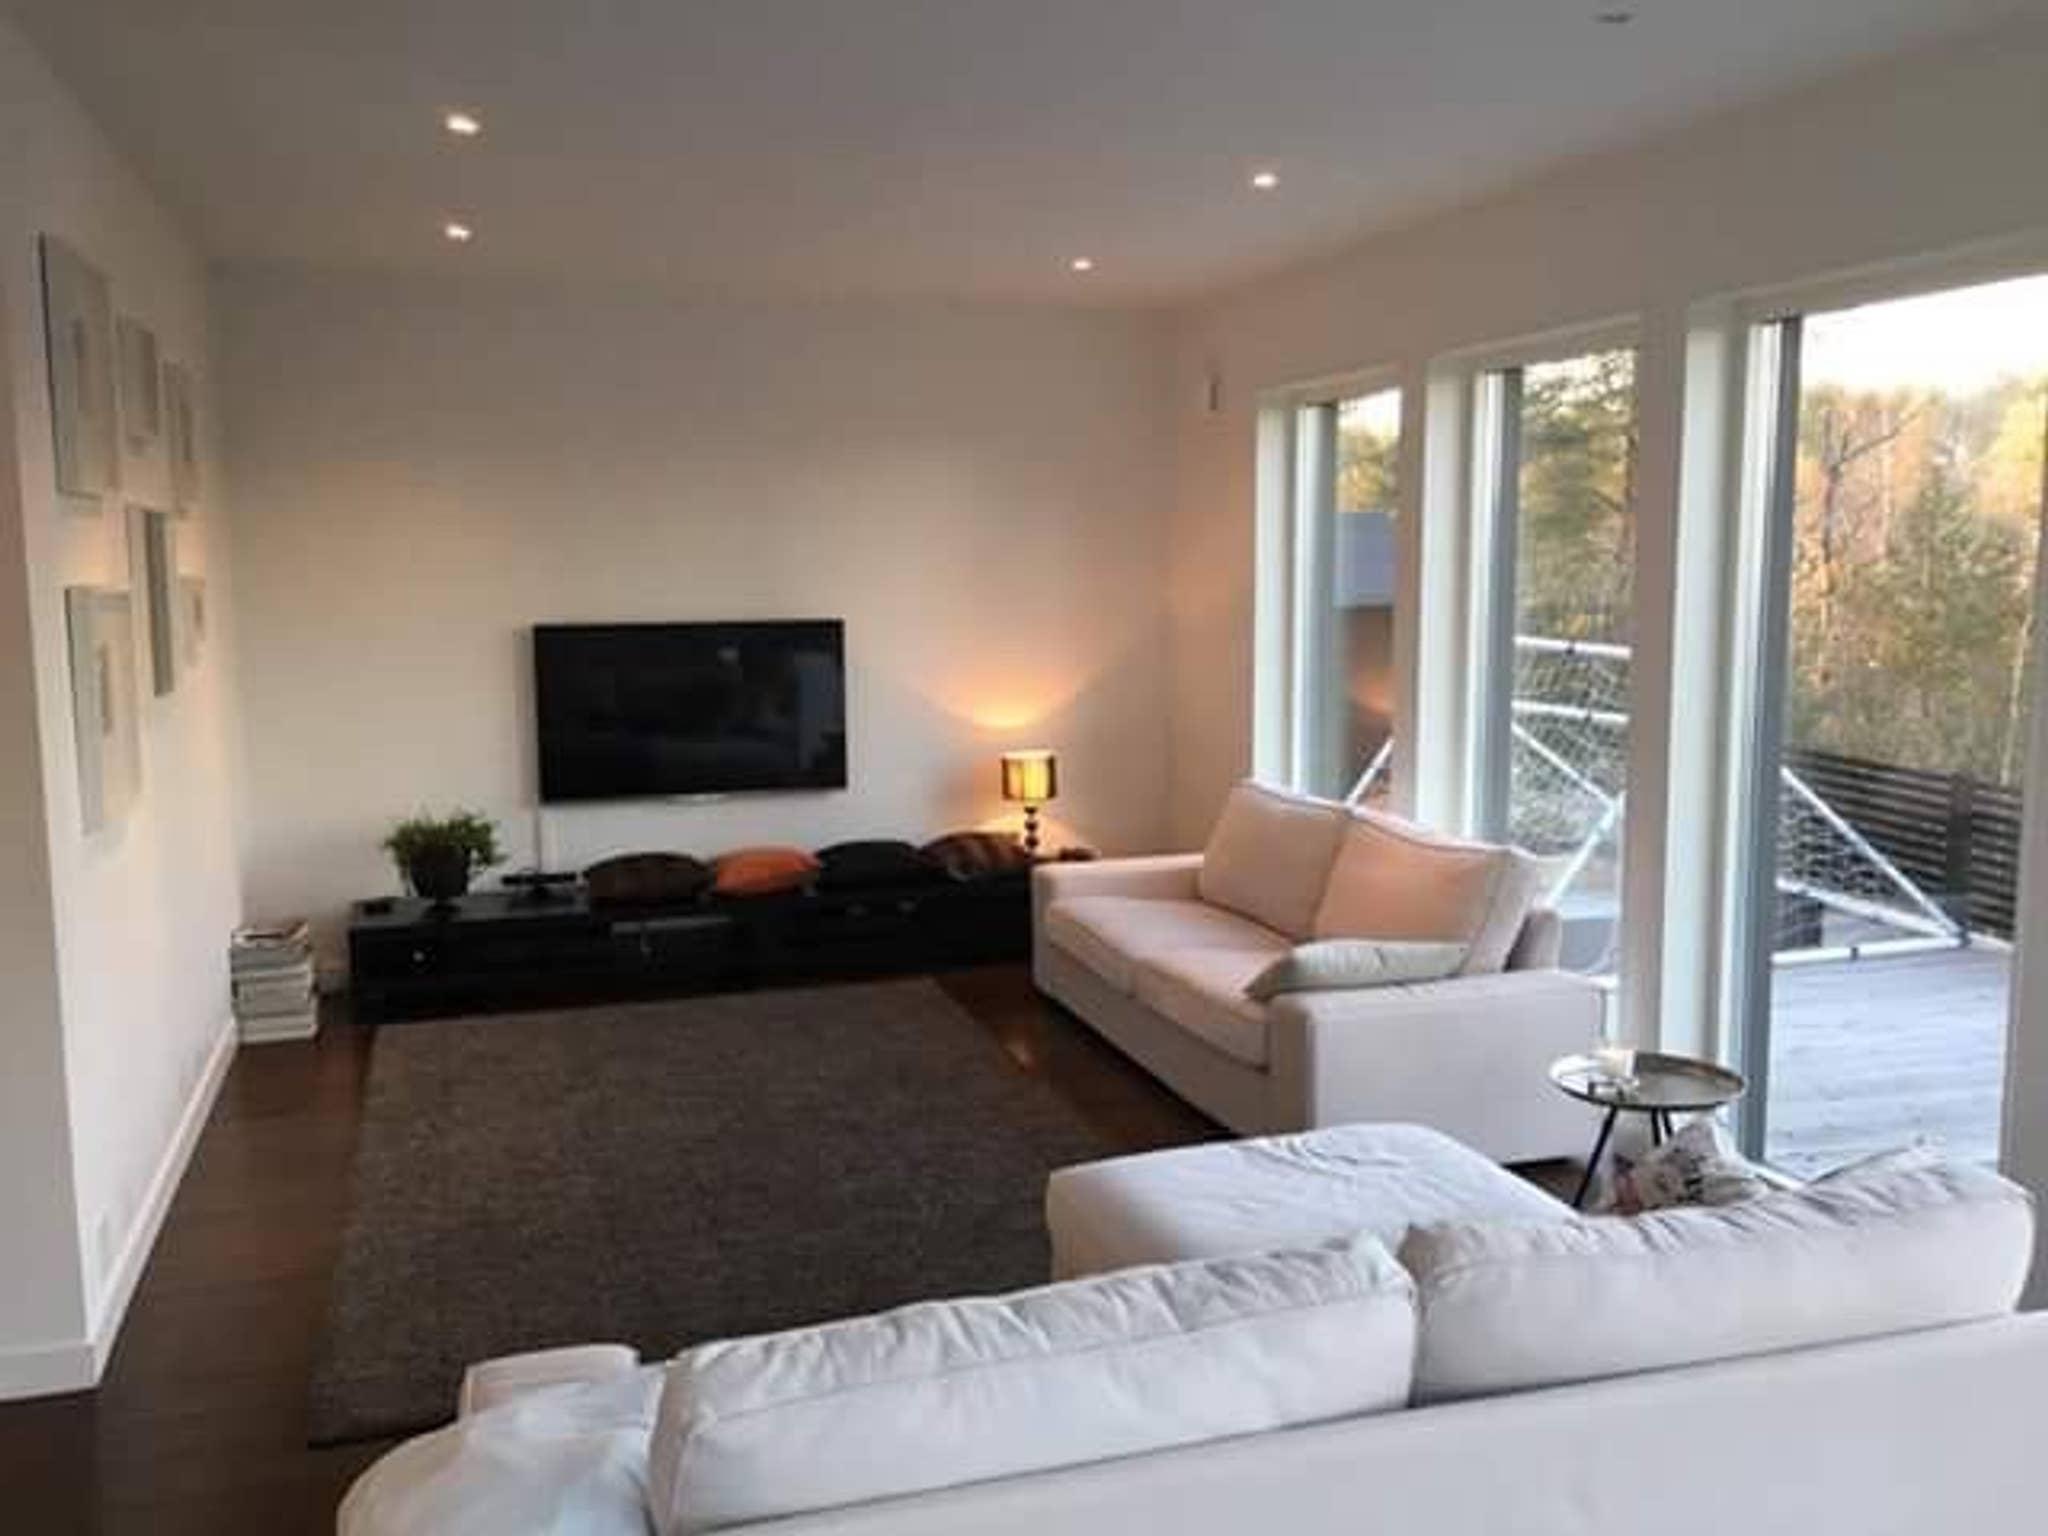 Ferienhaus Erstklassiges Haus in der modernsten Umgebung (2632812), Sältsjöbaden, Region Stockholm, Mittelschweden, Schweden, Bild 11